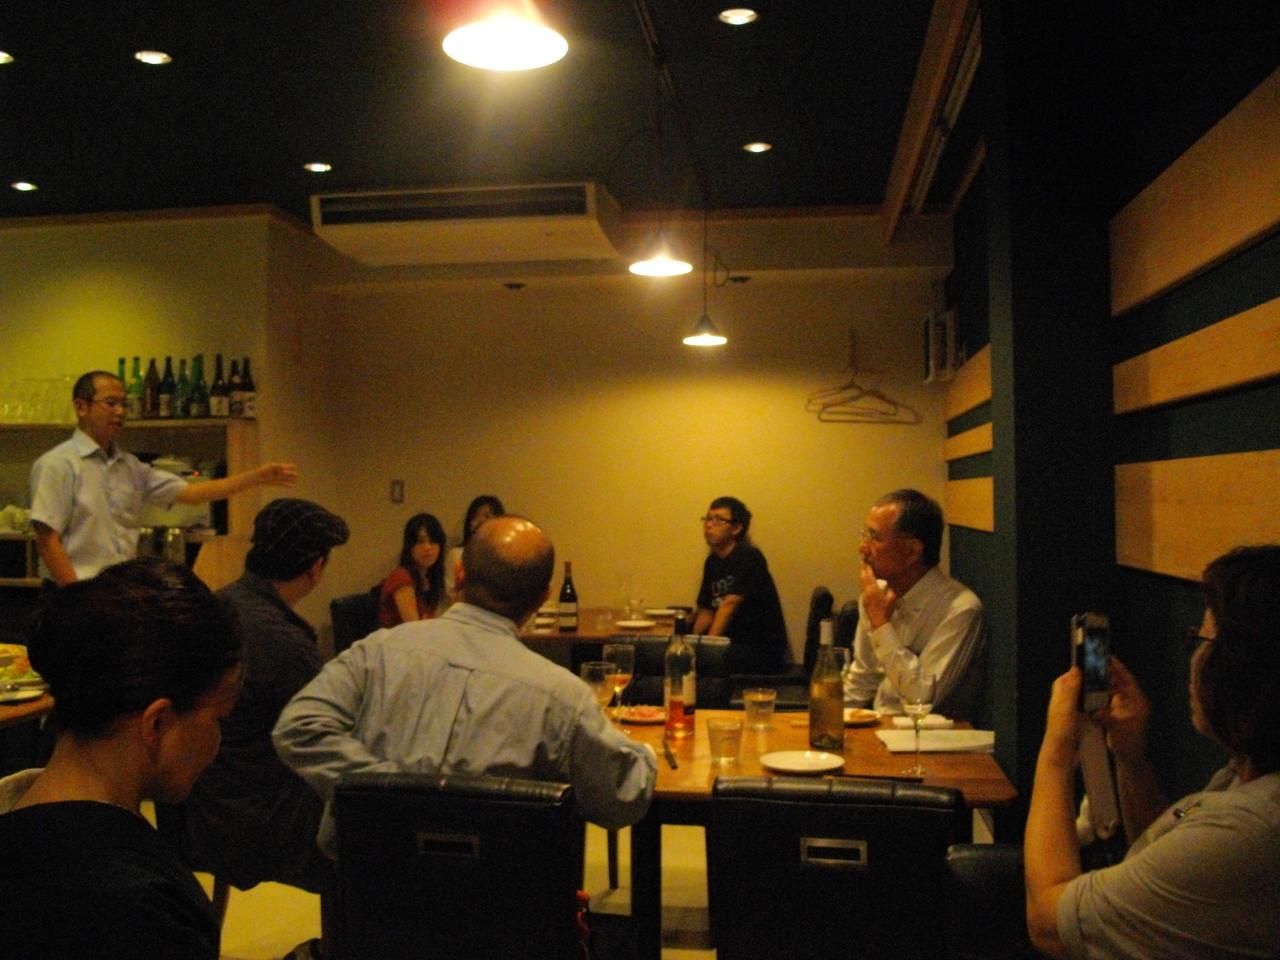 長野県の成人が毎月25ml多くワインを飲むと全国3位の消費地となります。